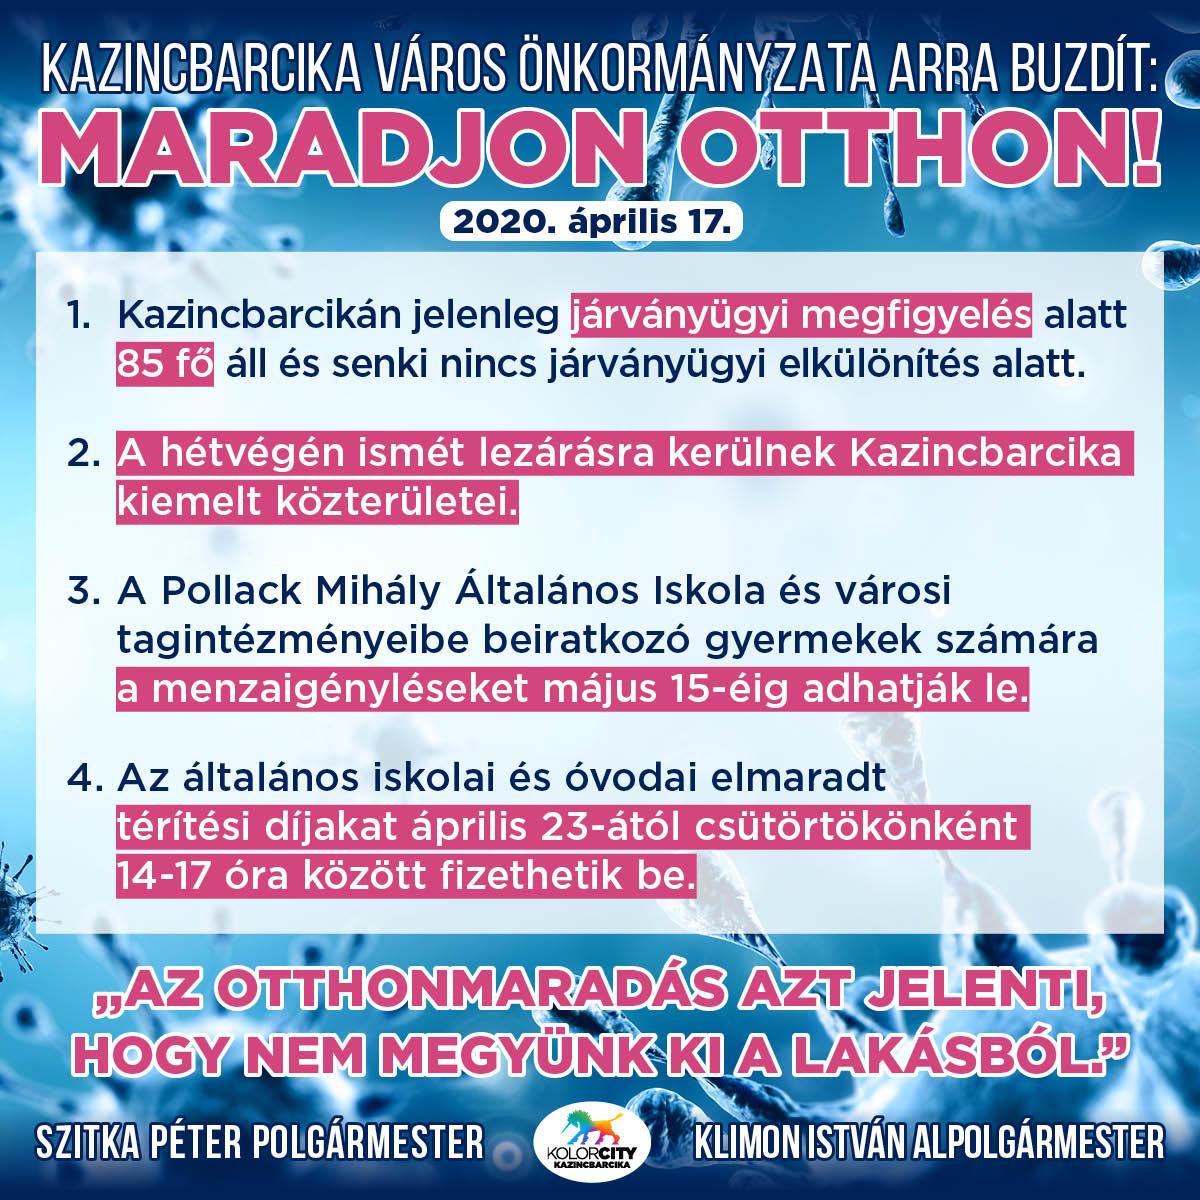 https://kolorline.hu/Kazincbarcika Város Önkormányzata arra buzdít: Maradj otthon! – 2020. április 17.